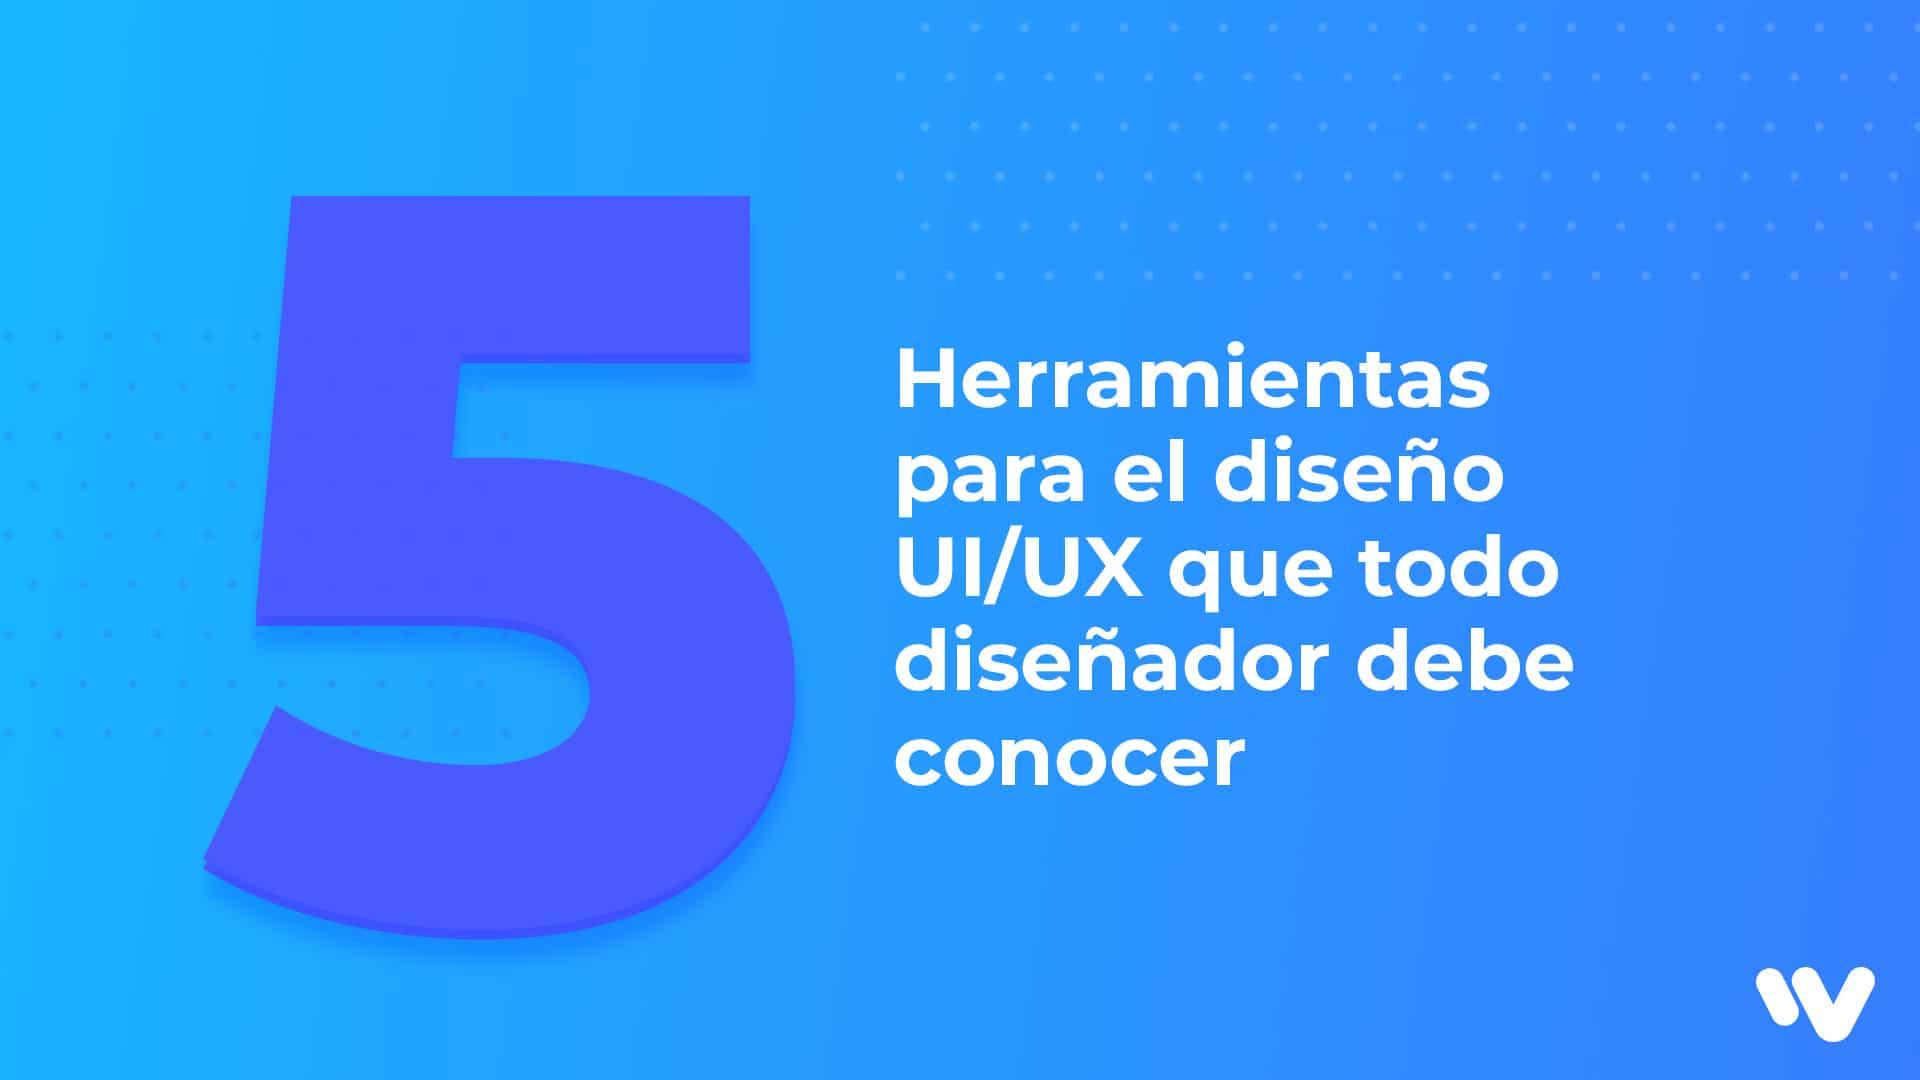 5 Herramientas, diseño, UI, UX, diseñador, Conocer